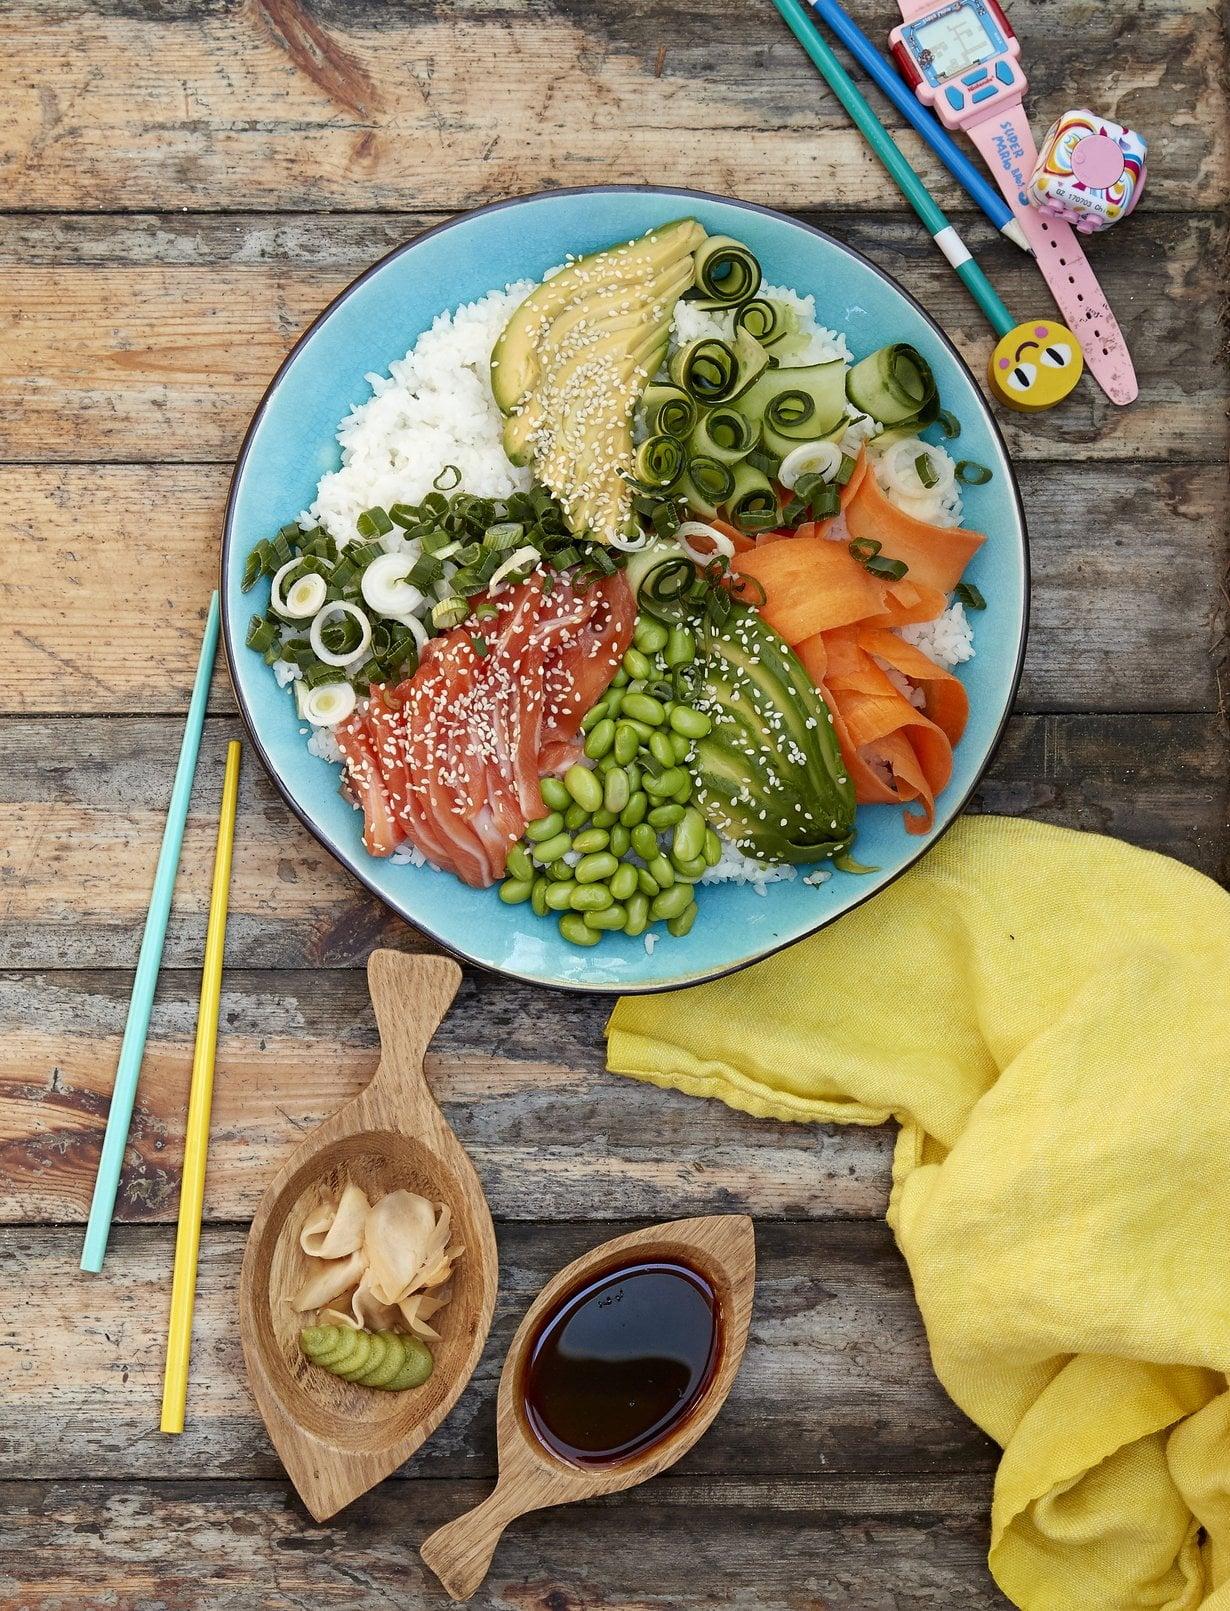 Saako syödä kaiken itse? Sushilautanen näyttää komealta ja on helppo valmistaa.